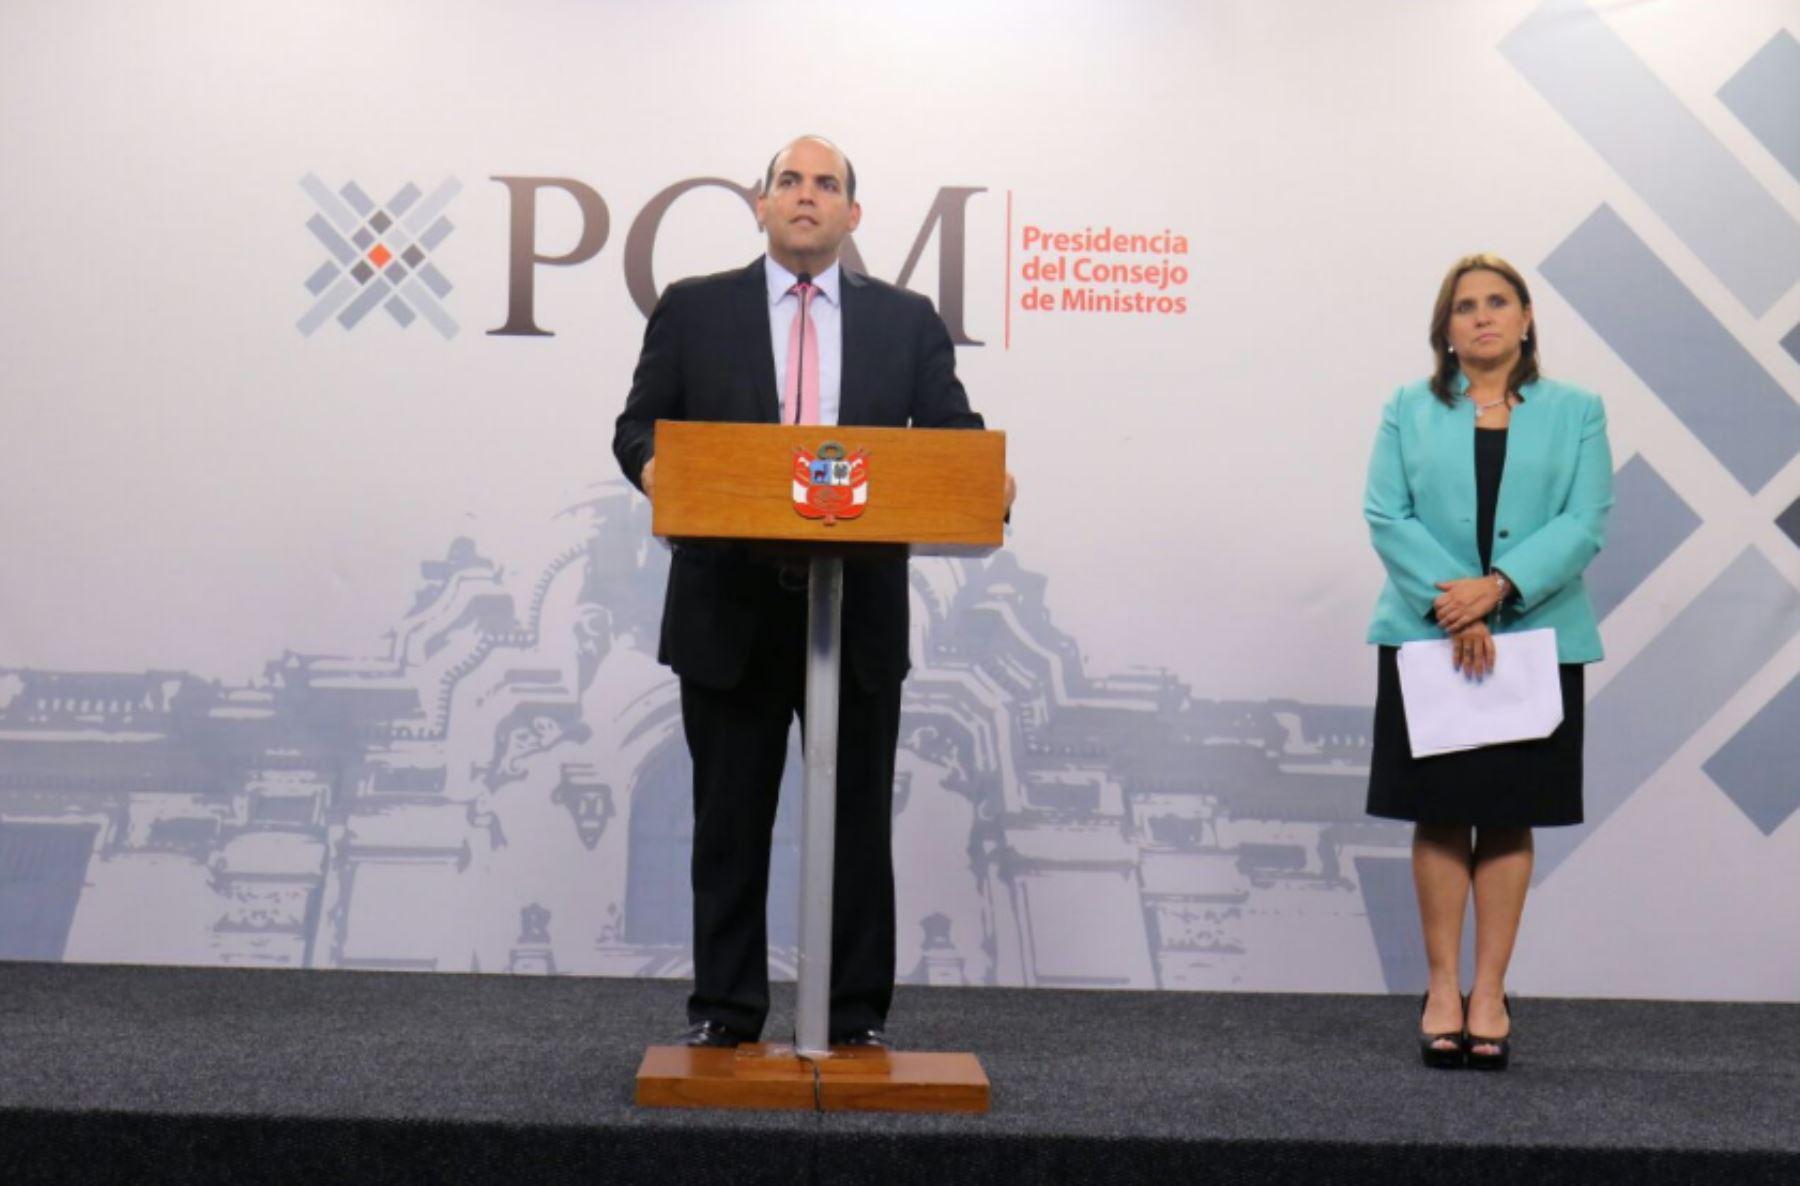 Fernando Zavala y Marisol Pérez Tello. Foto: PCM.